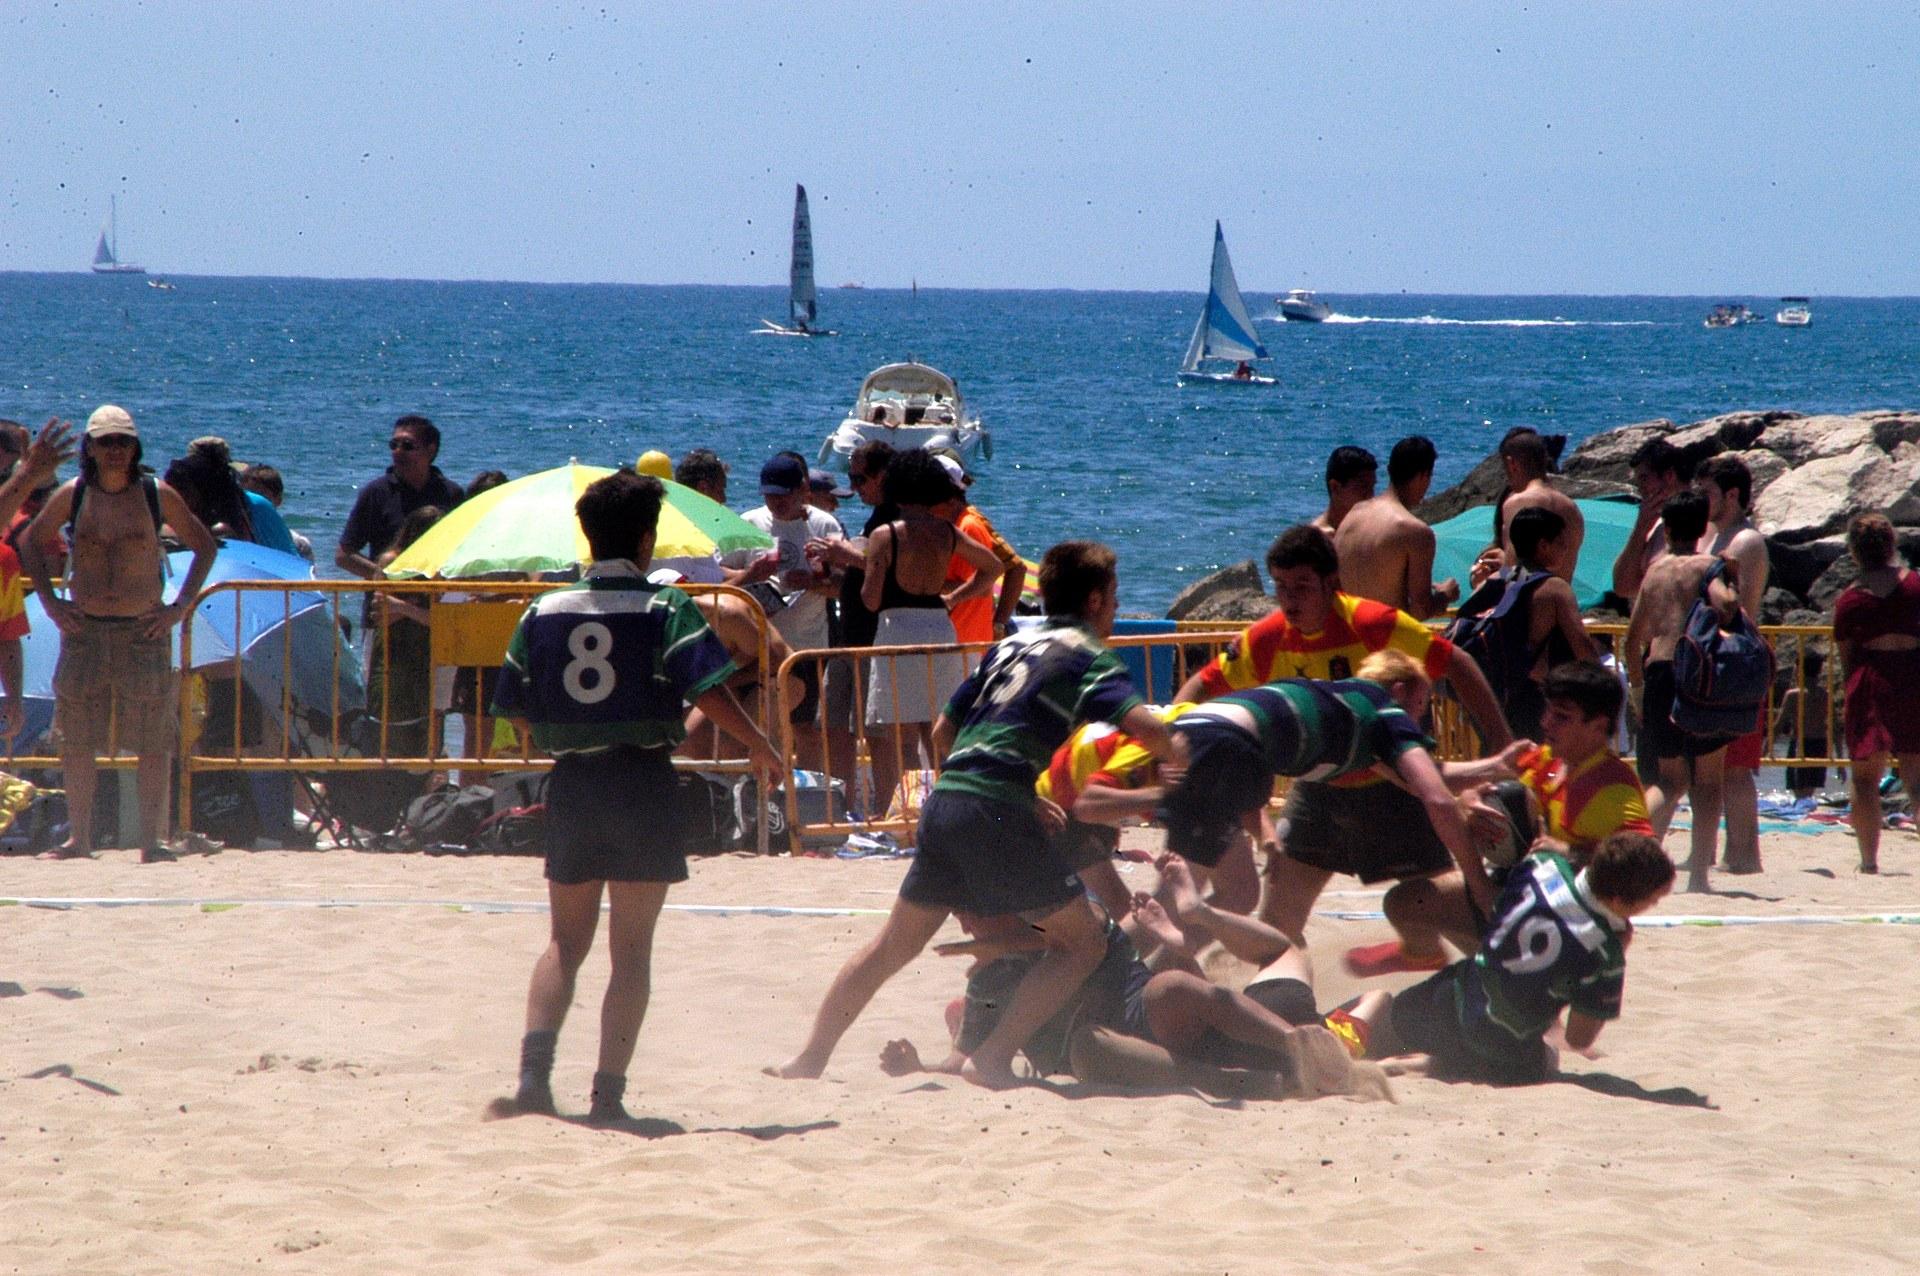 La platja de la Fragata acull el torneig 'Rugby Seven'